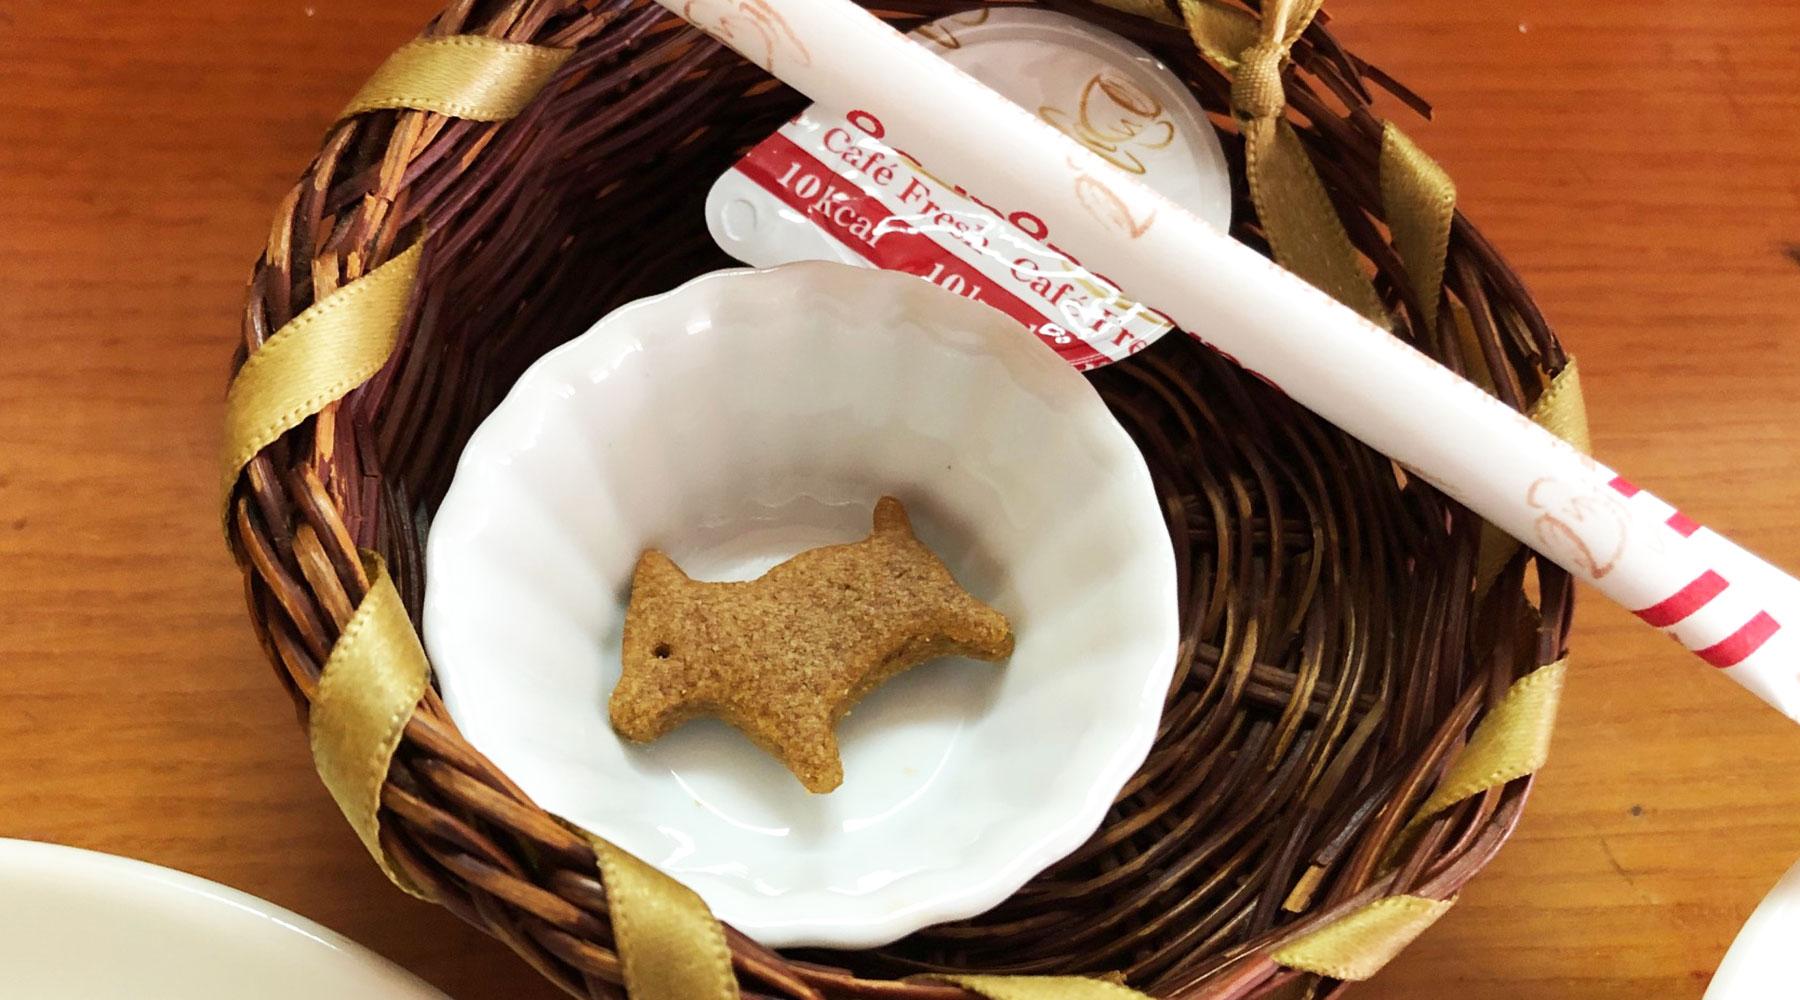 浦和のHASHIYA系、スパゲティPINOの食後の一口クッキー